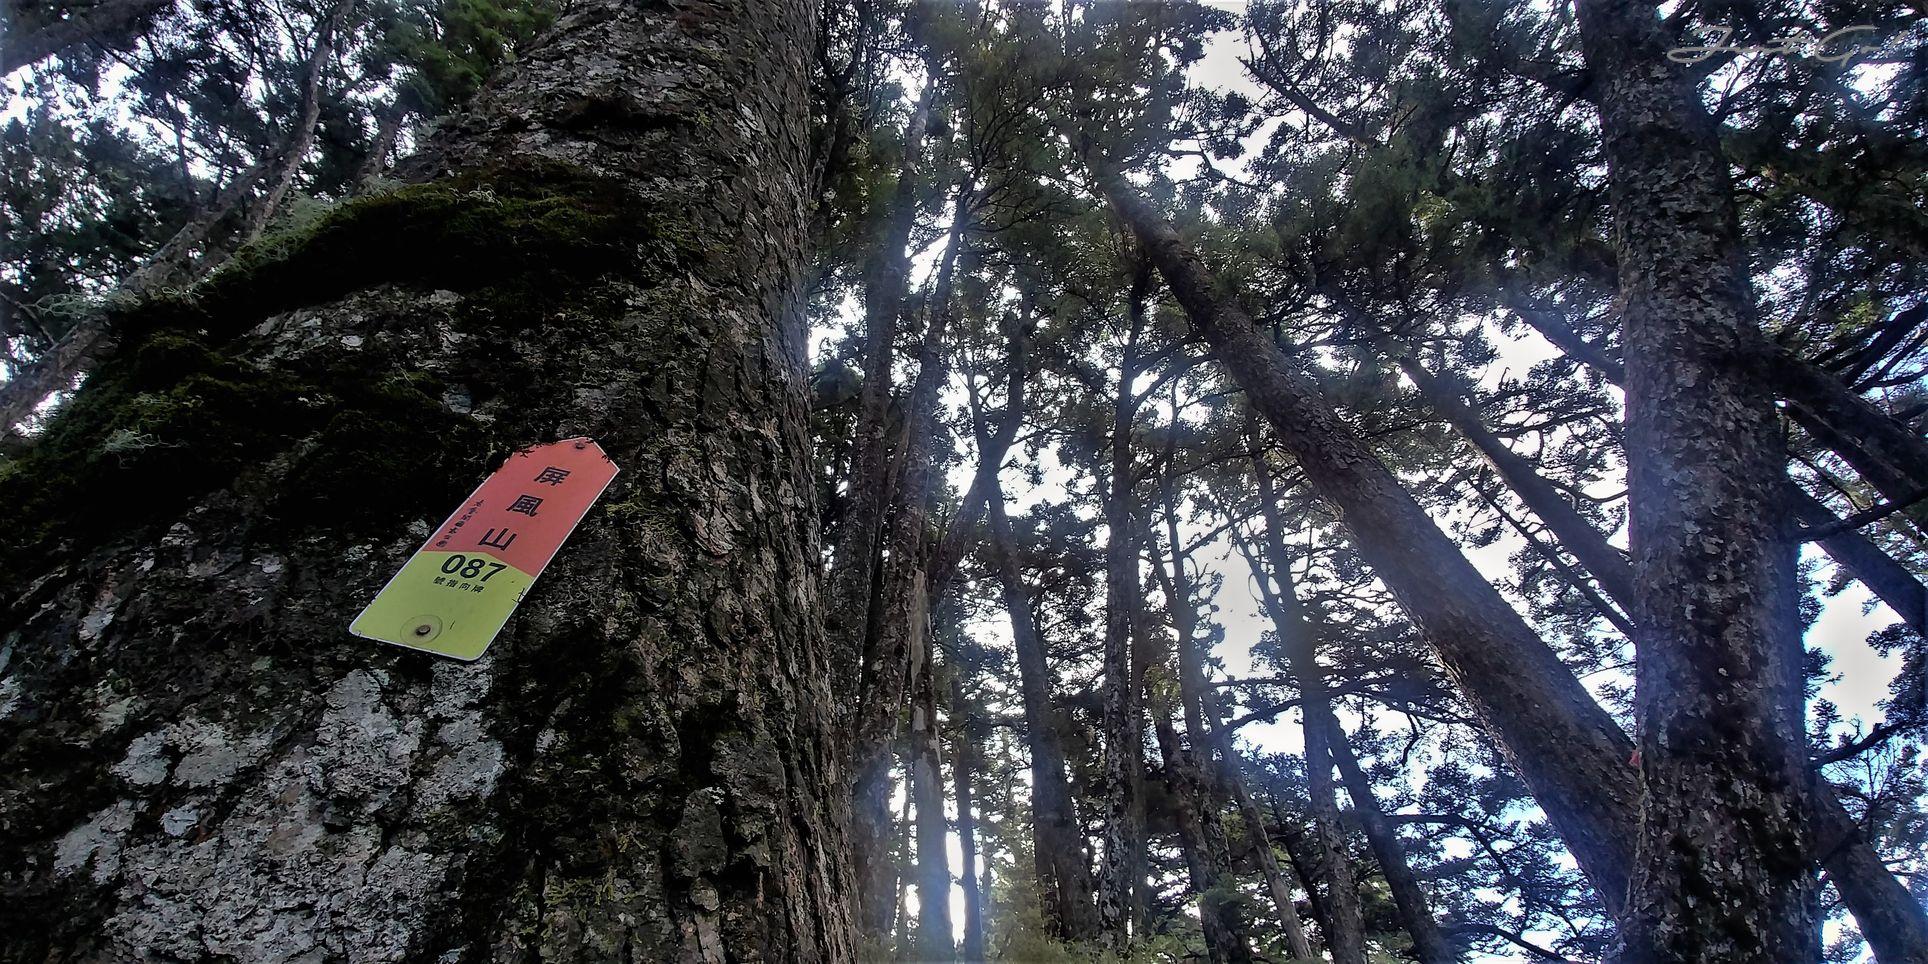 一日百岳·10小時單攻屏風山-新路線地圖gpx、行程規劃、申請、登山口6